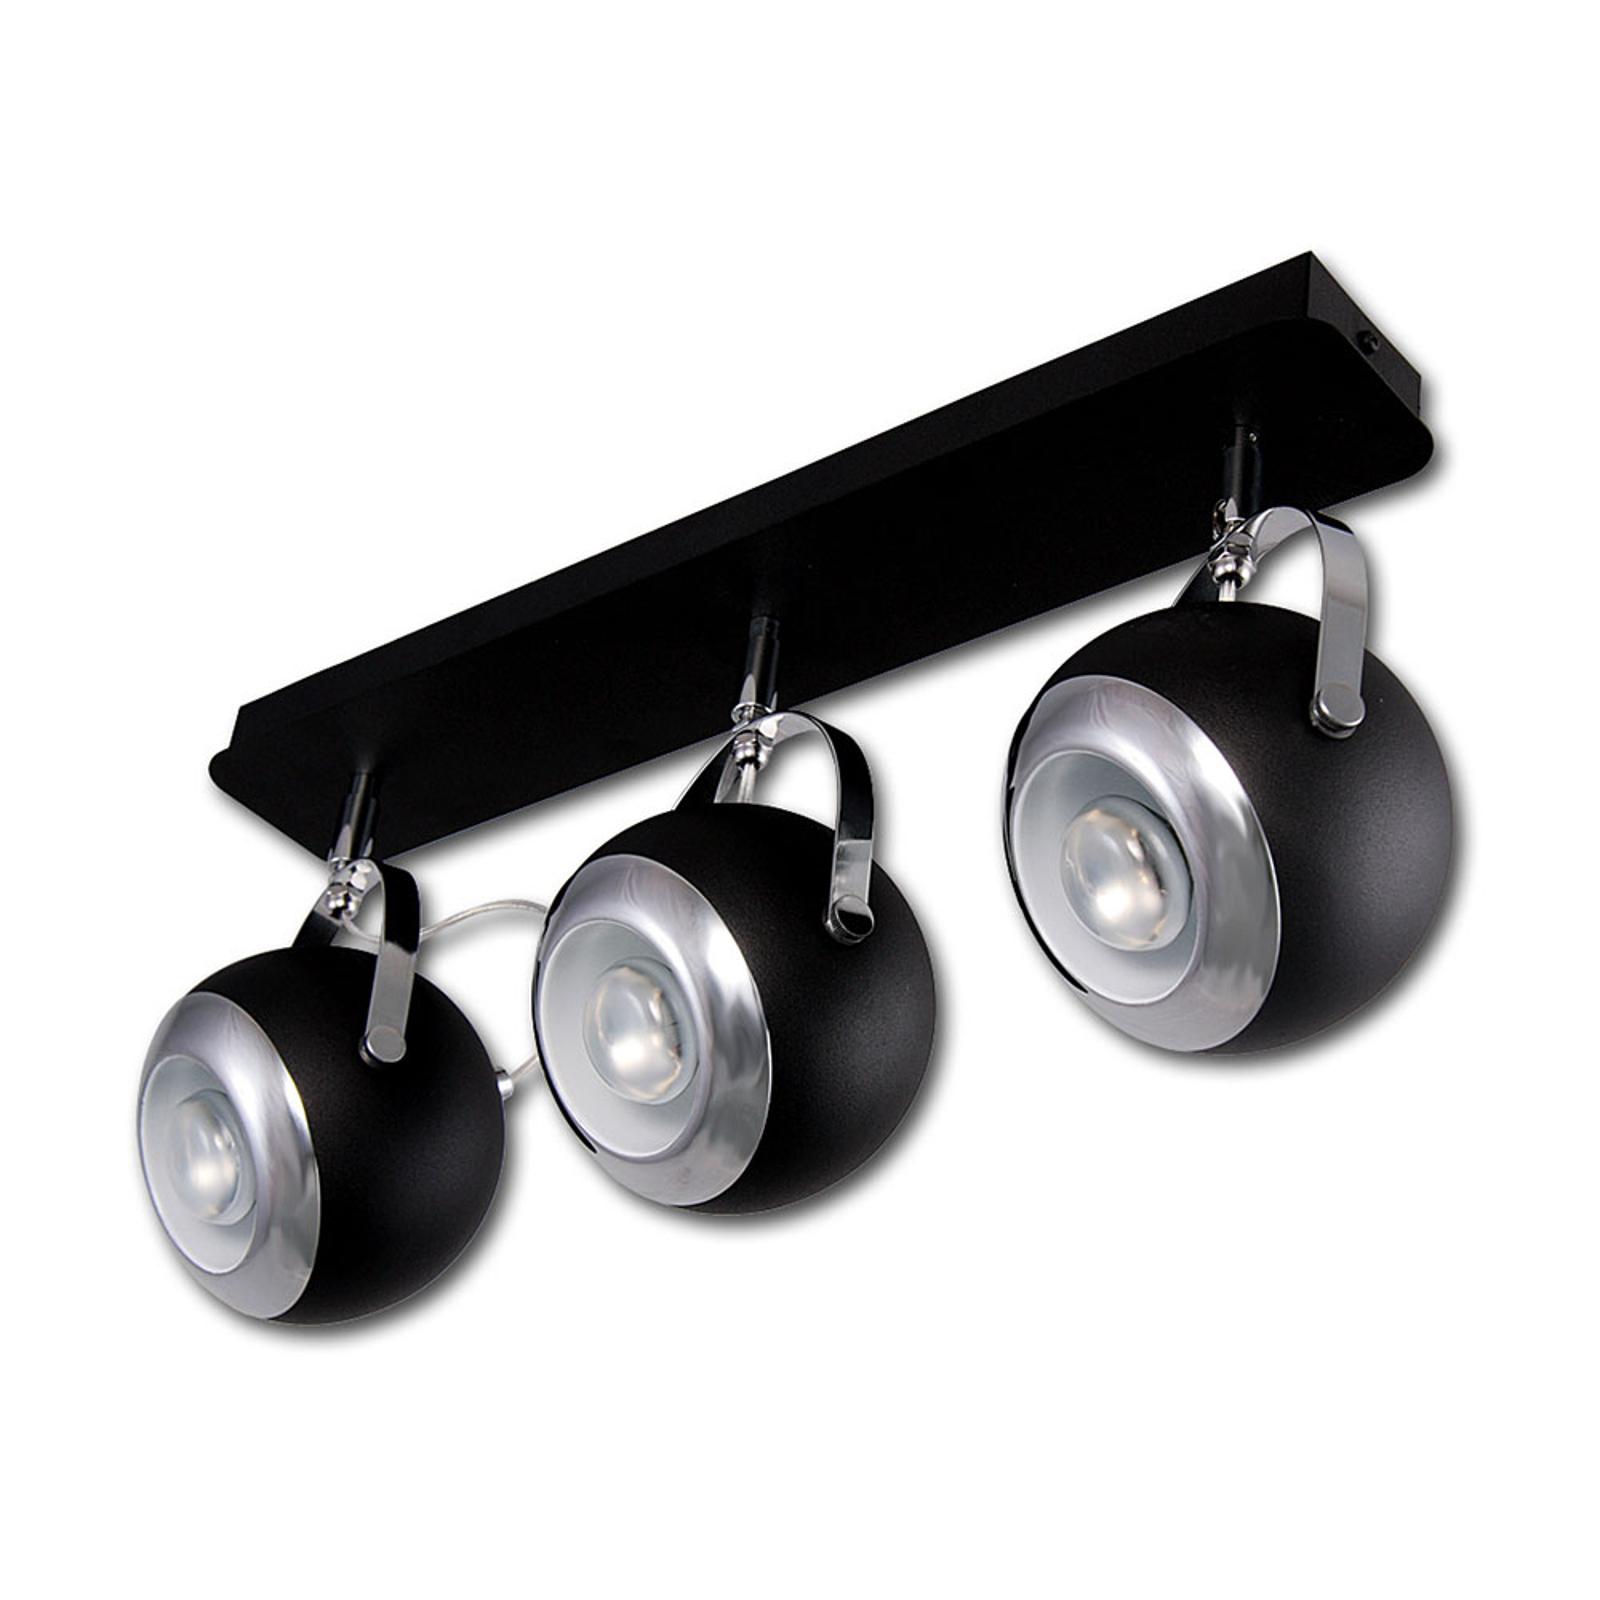 Scotti taklampe 3 lyskilder lang, svart